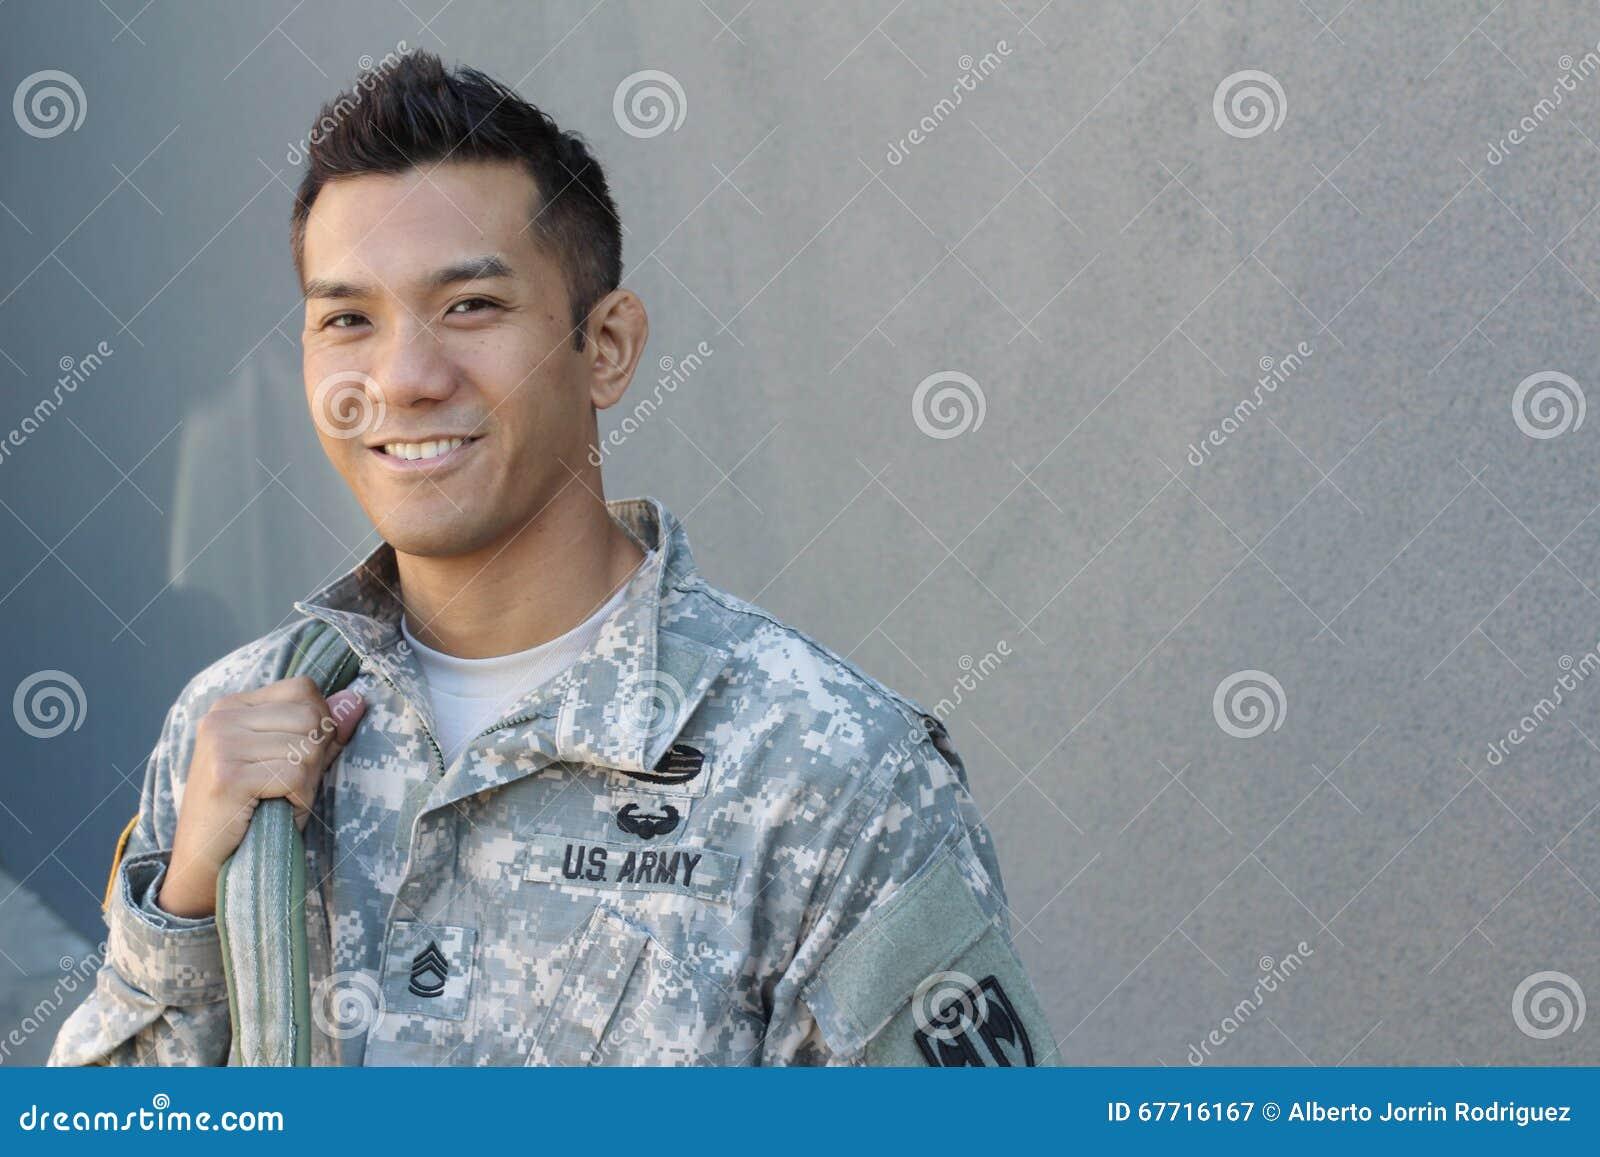 Militärischer hübscher asiatischer Armeemann